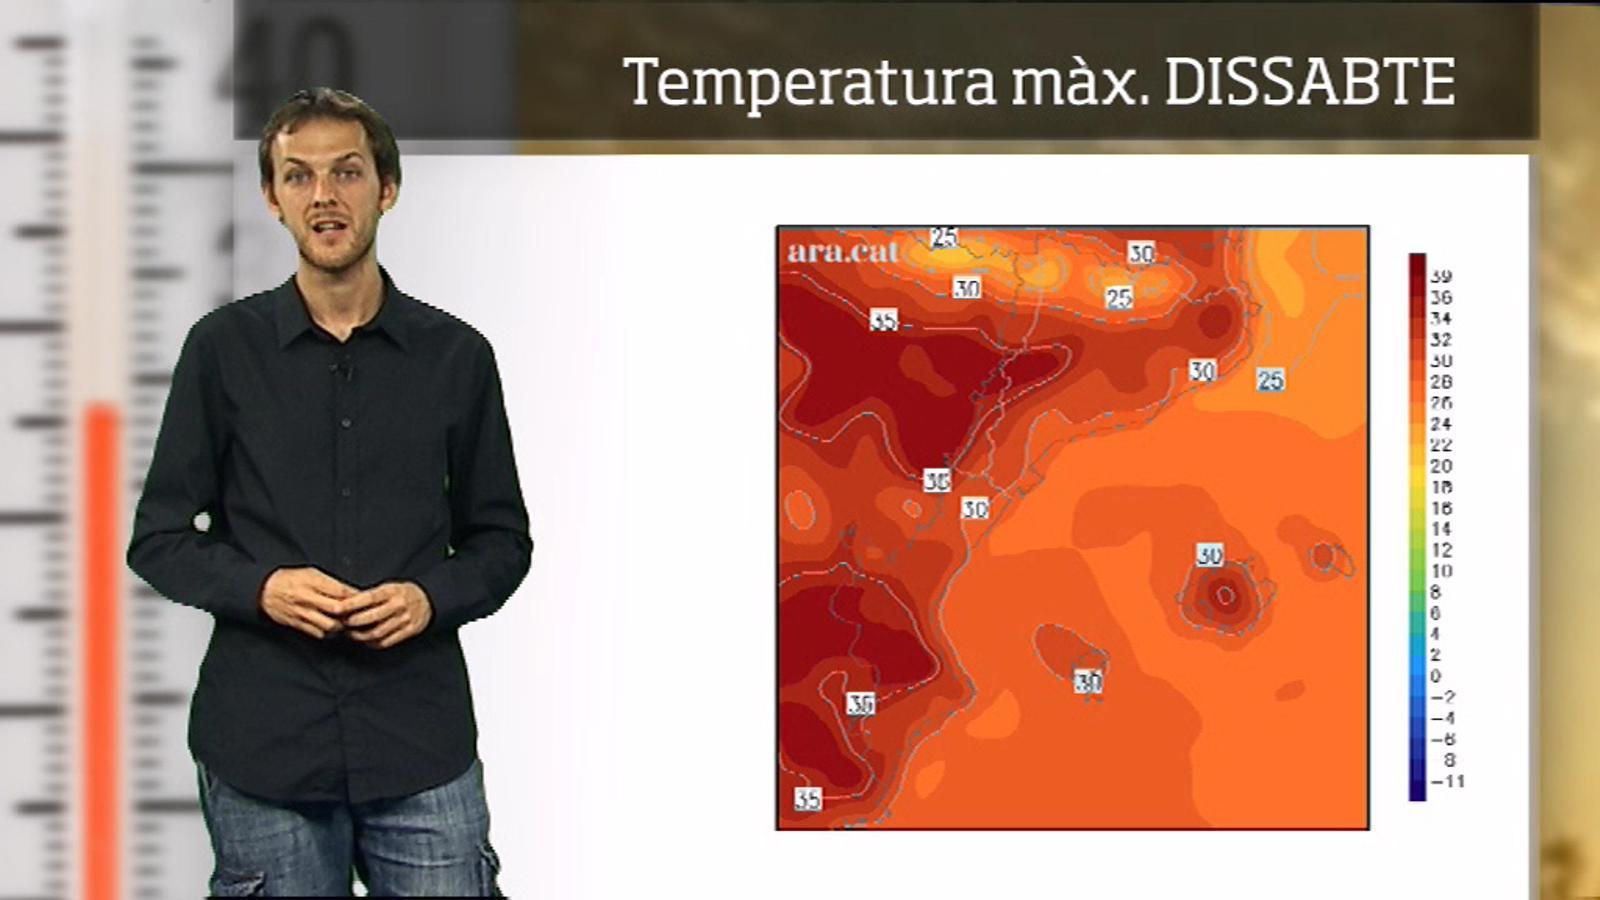 La méteo en 1 minut: calor de ple estiu